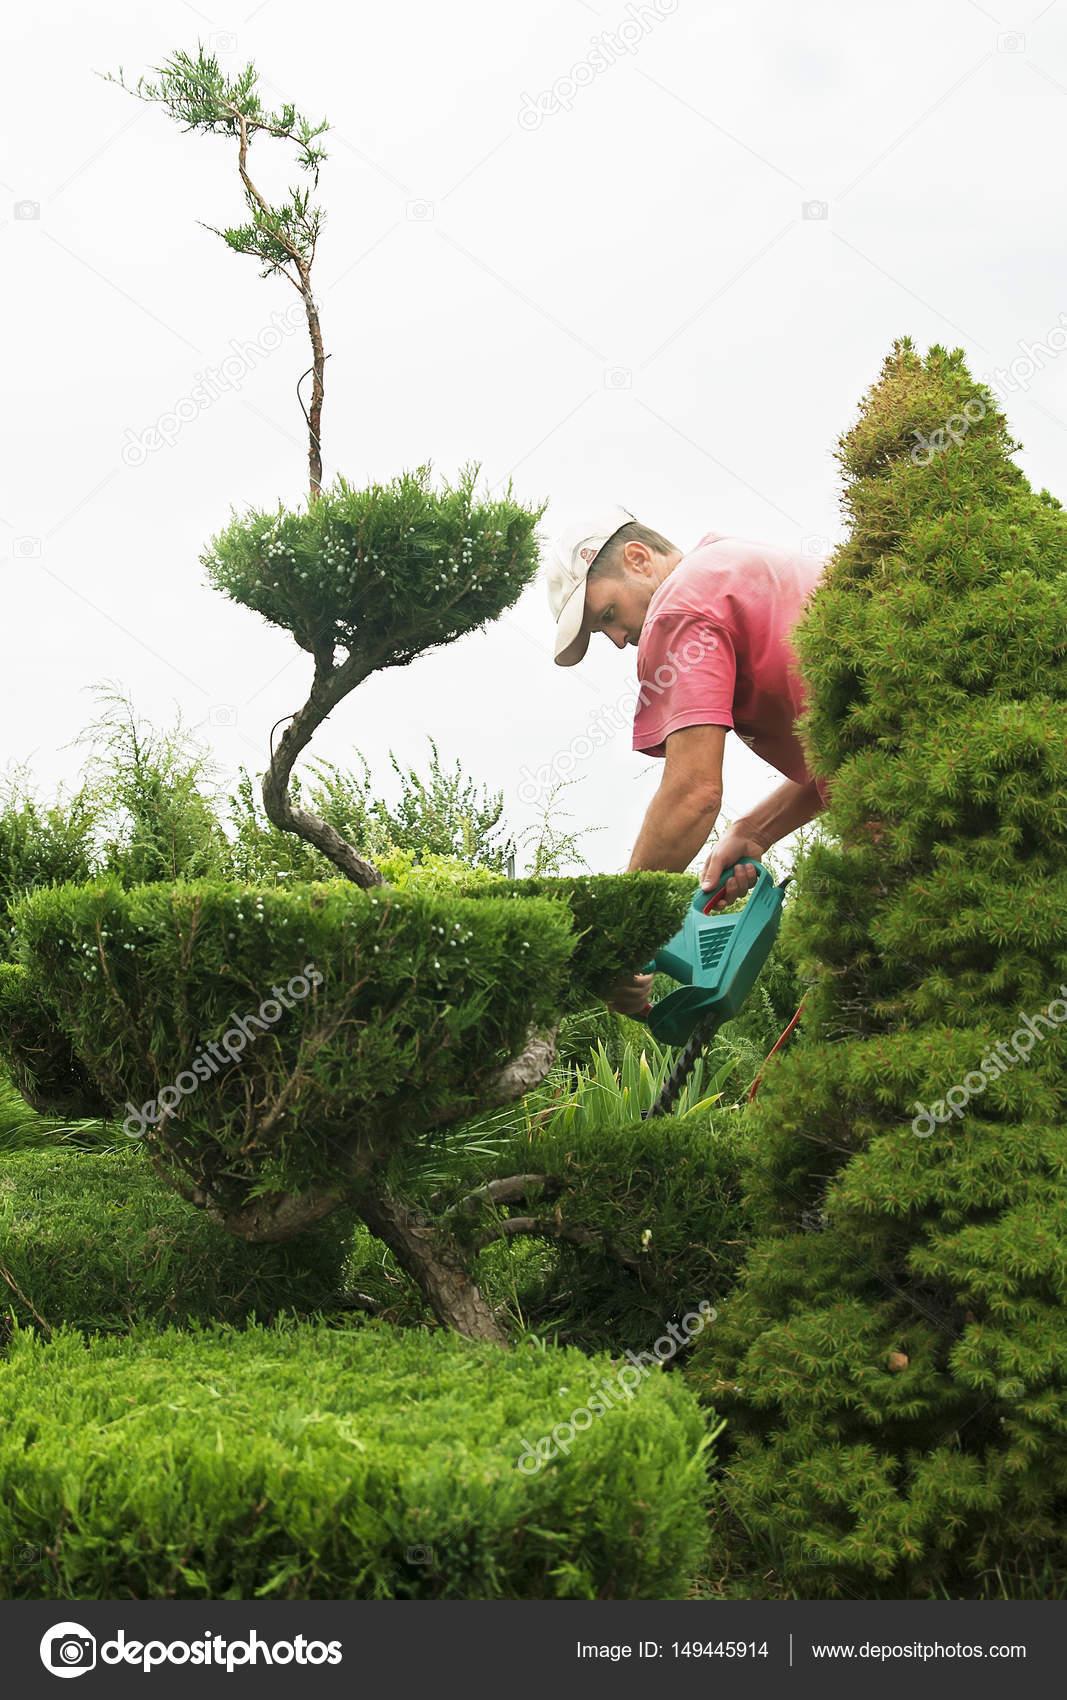 baumschnitt pflanzen hautnah. professionelle gärtner beschneiden